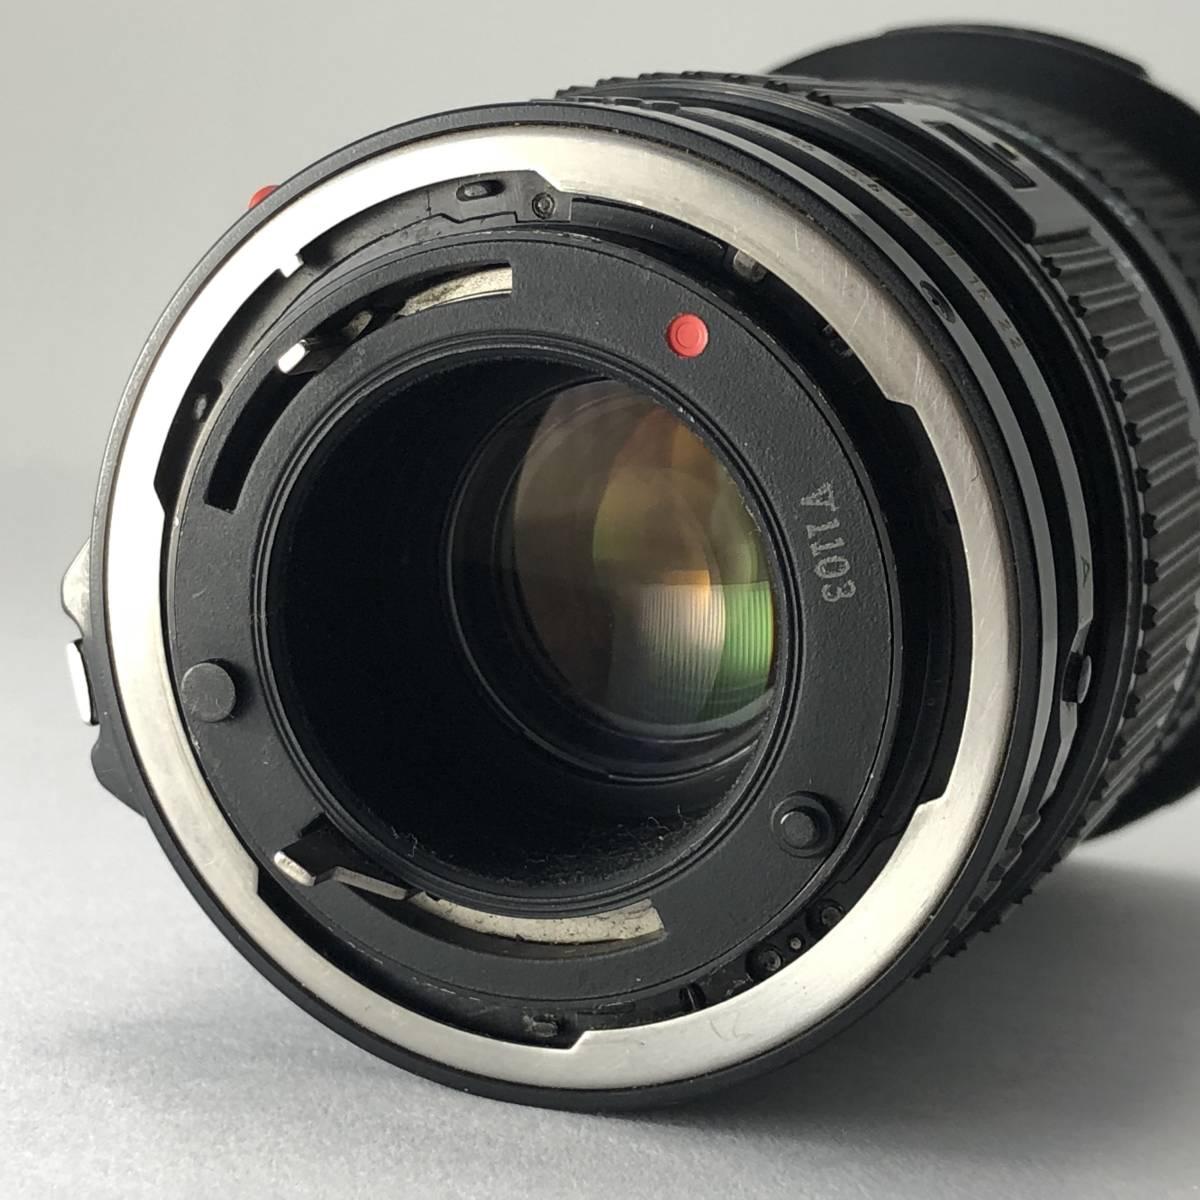 キャノン Canon FTb カメラ FD S.S.C. SSC 50mm 1.4 / FD S.S.C. SSC 24mm 2.8 / FD 35-105mm 3.5 レンズ セット no.A1_画像10